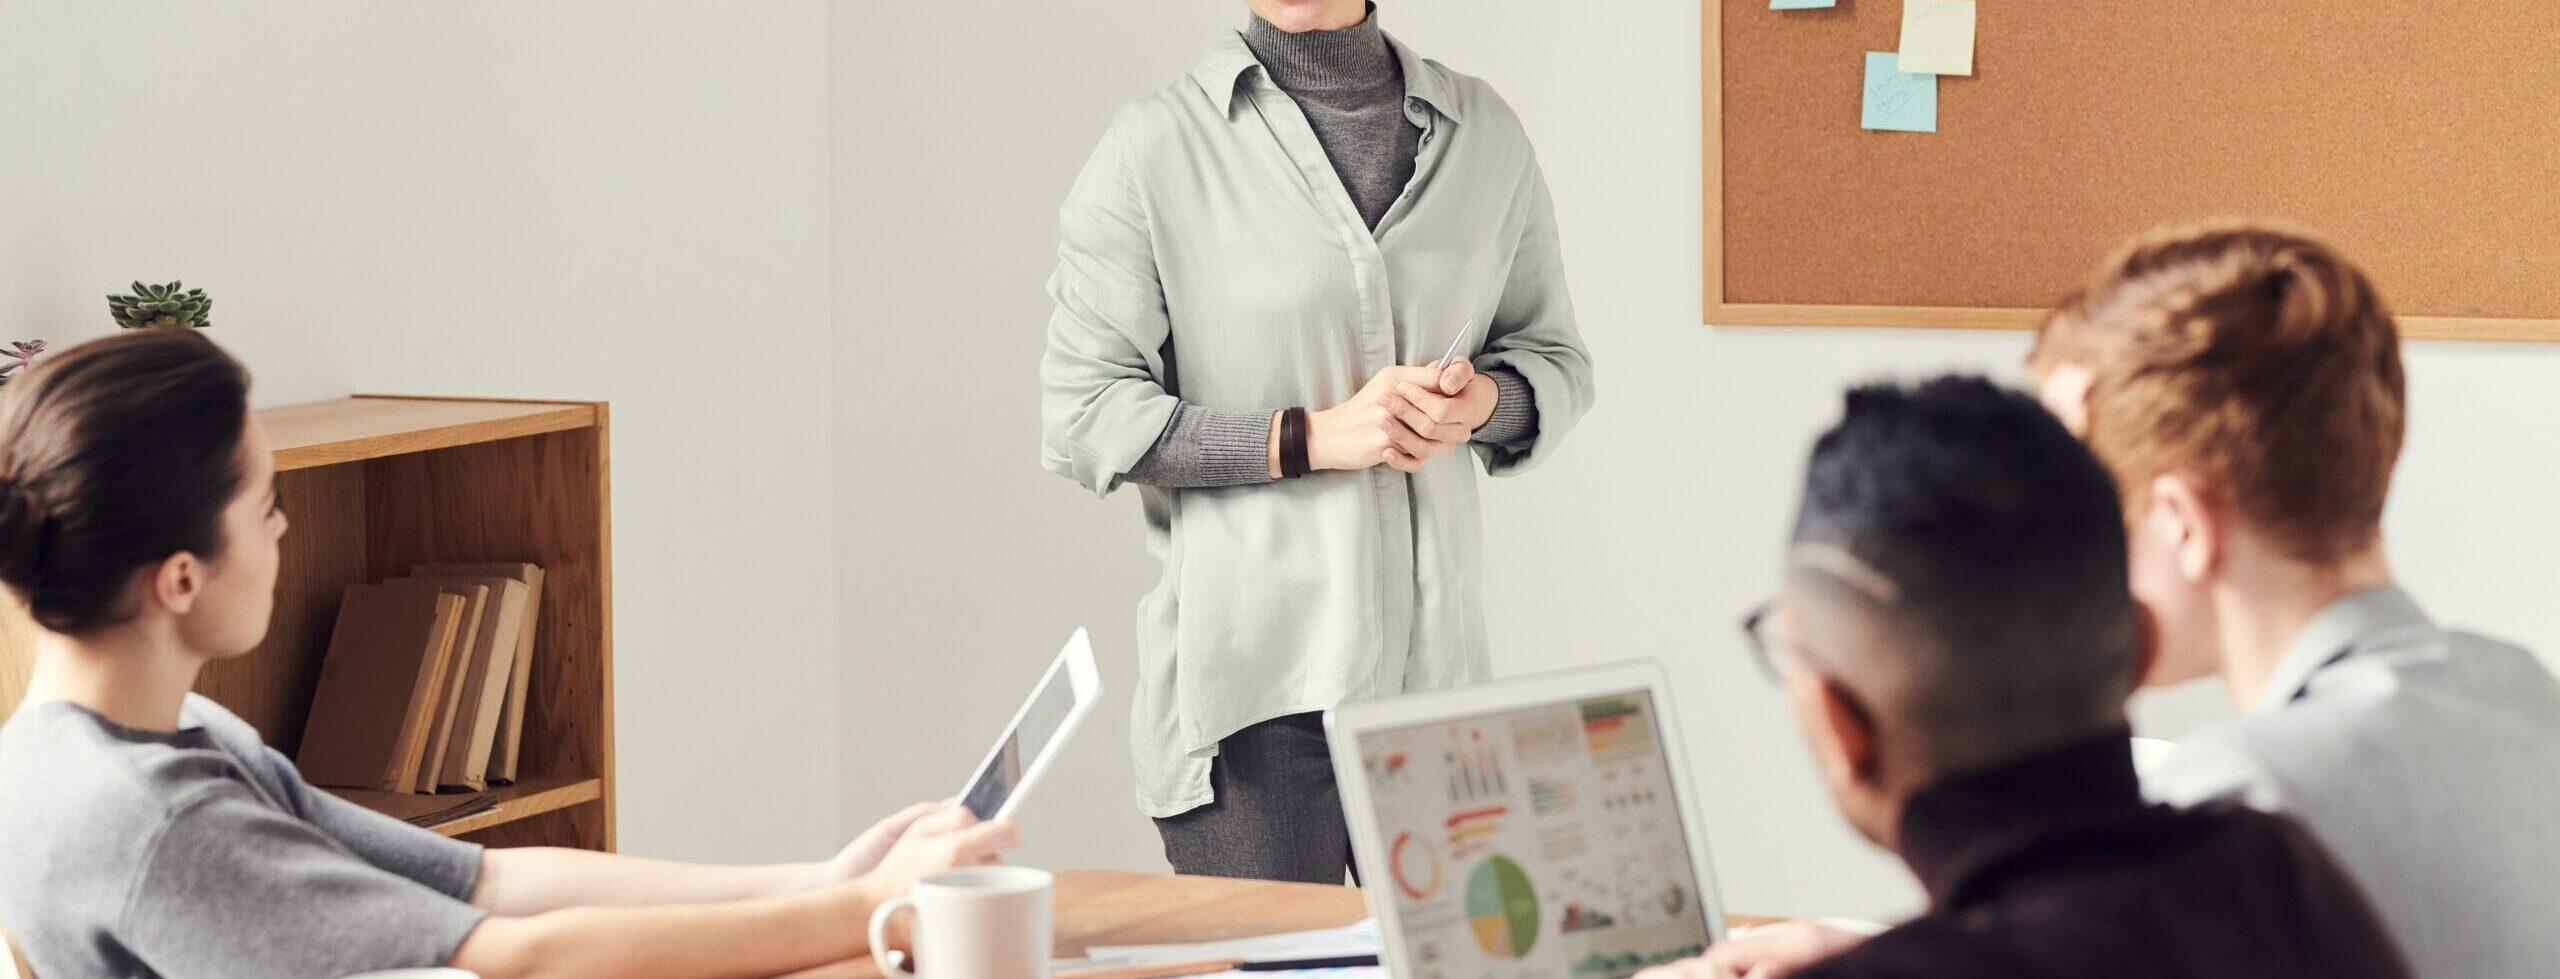 Masterclass midden management opleiding en cursus